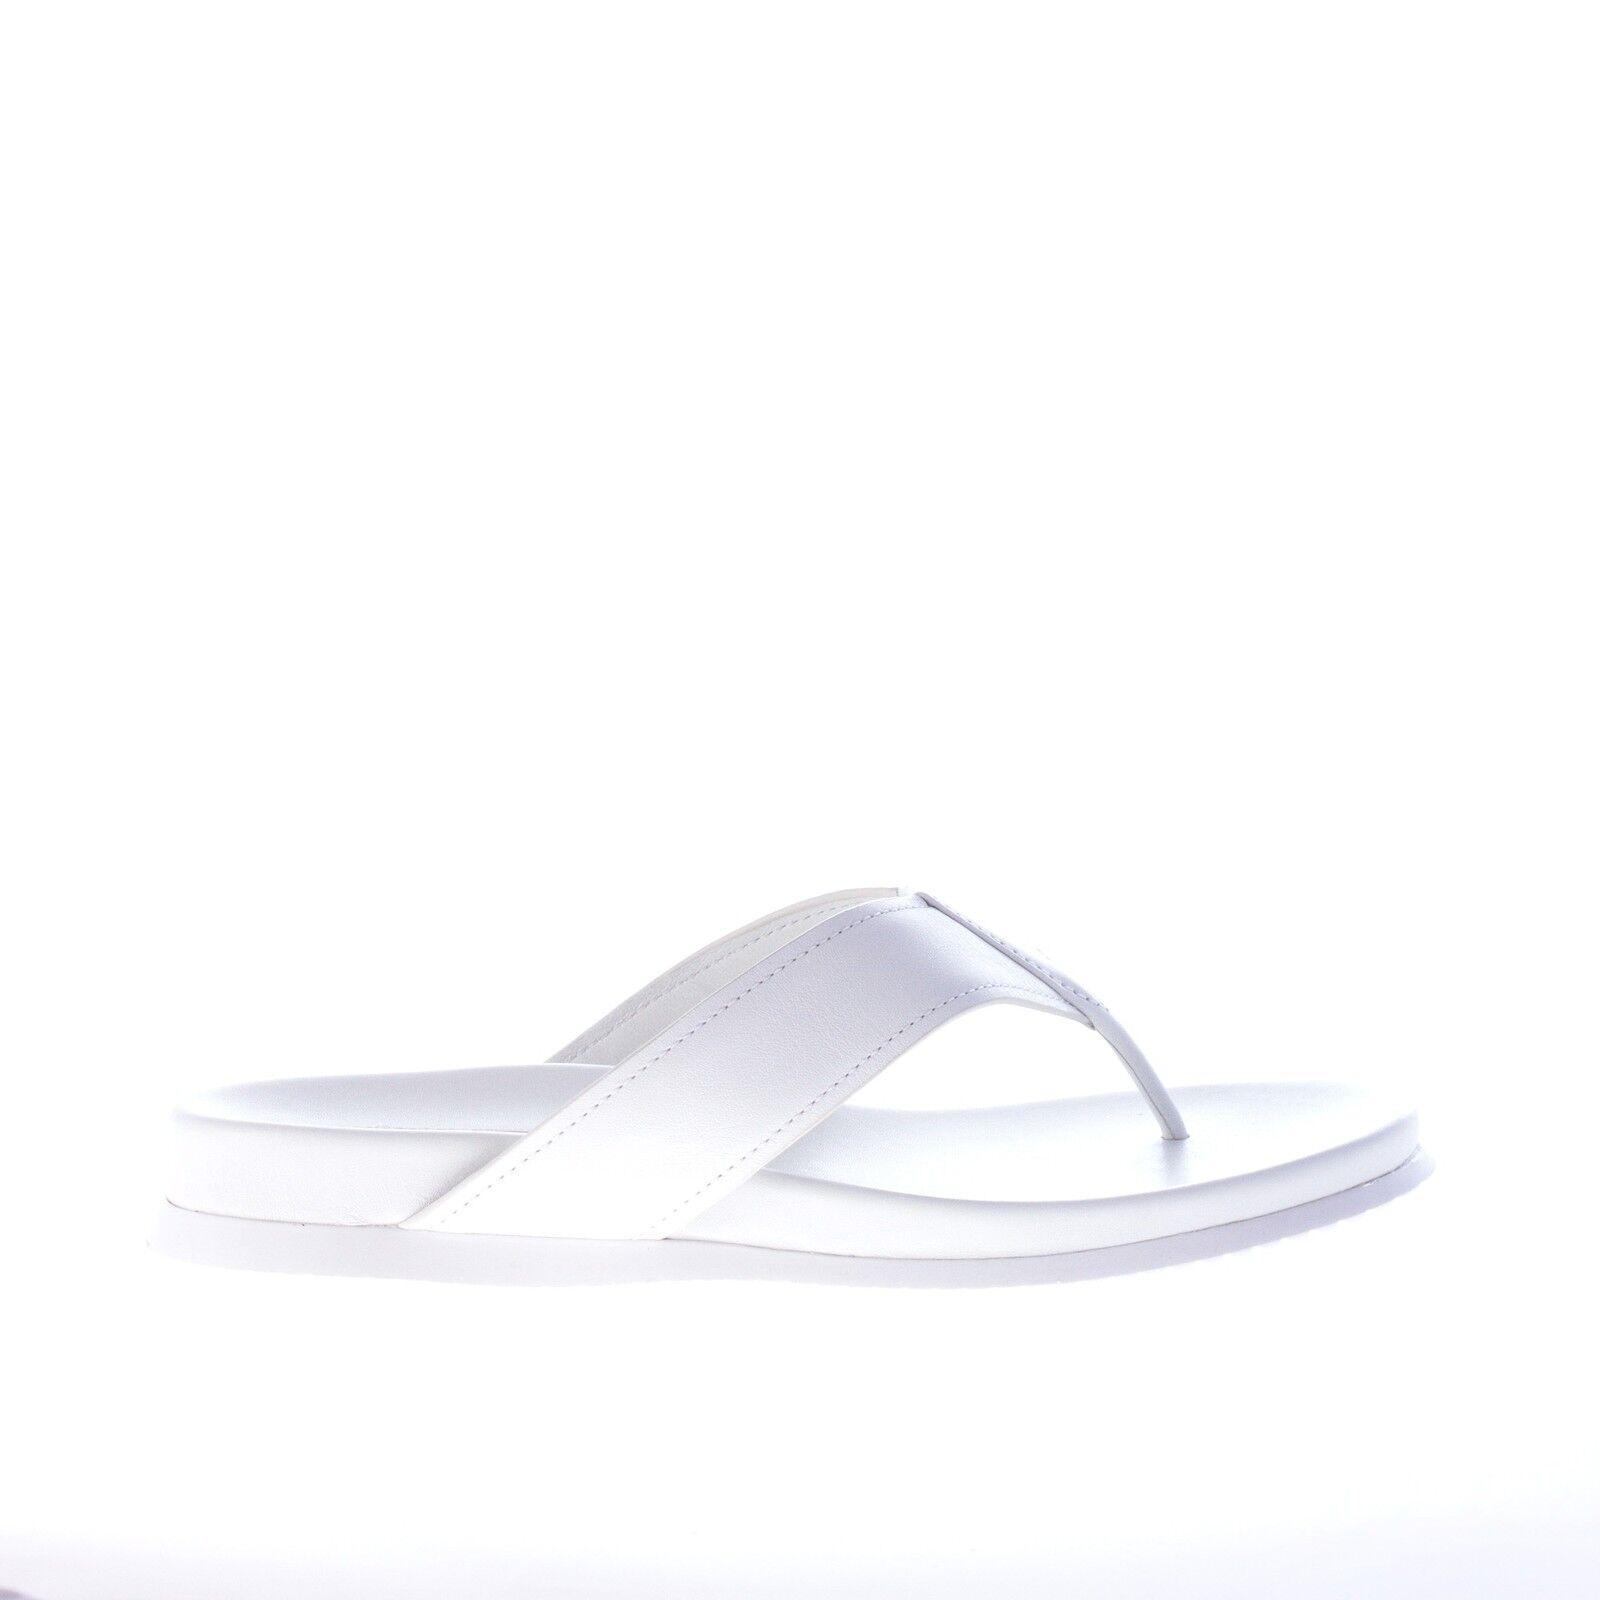 PRADA scarpe donna Donna Scarpe sandalo slide infradito in pelle BIANCO